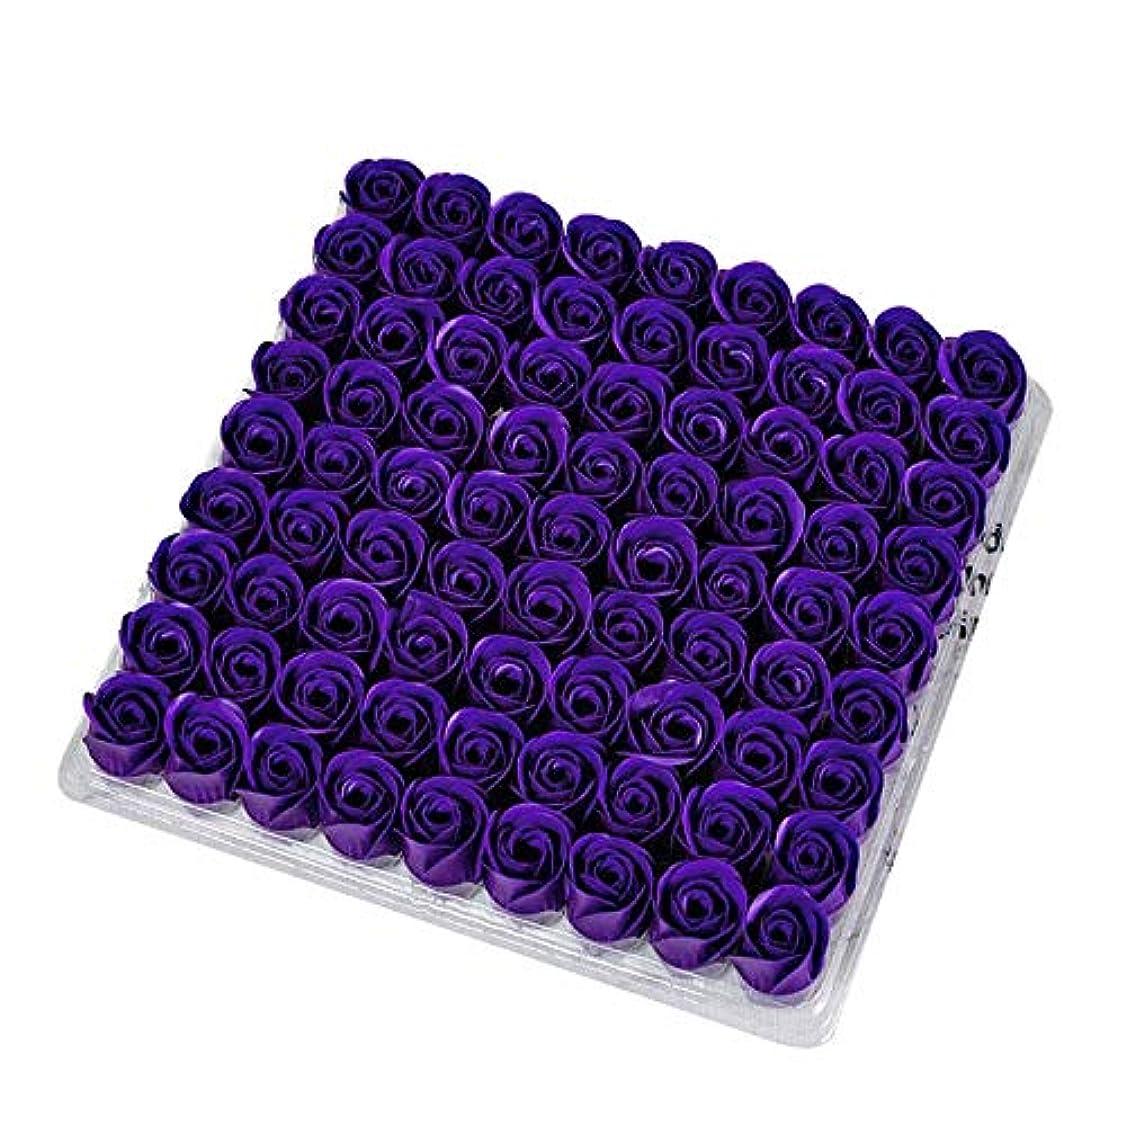 ぞっとするような可動式提唱するCUHAWUDBA 81個の薔薇 フローラルの石けん 香りのよいローズフラワー エッセンシャルオイル フローラルのお客様への石鹸 ウェディング、パーティー、バレンタインデーの贈り物、紫色